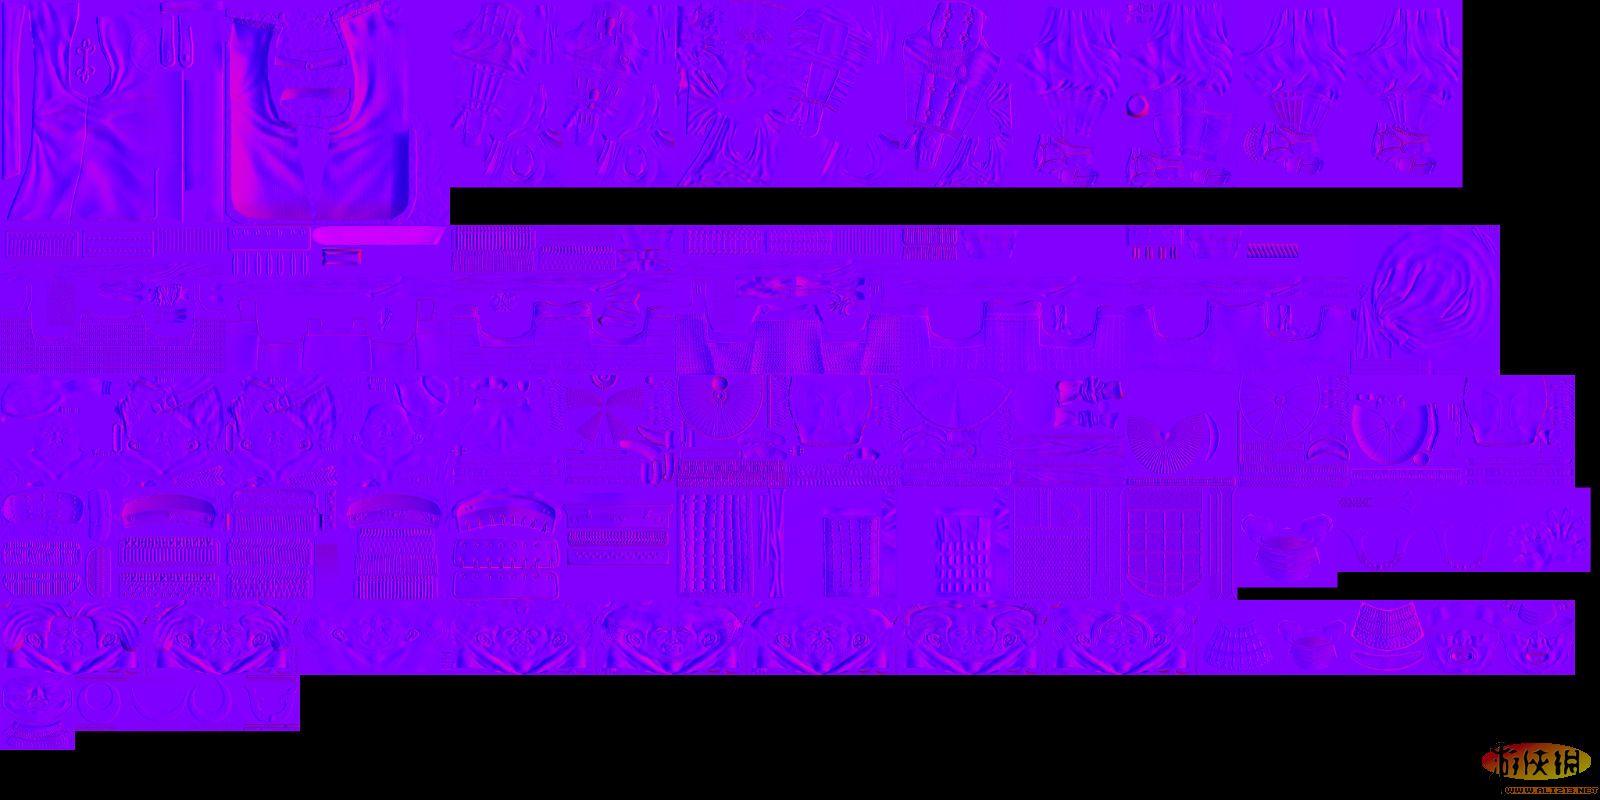 《全面战争:幕府将军2》贴图技术攻略